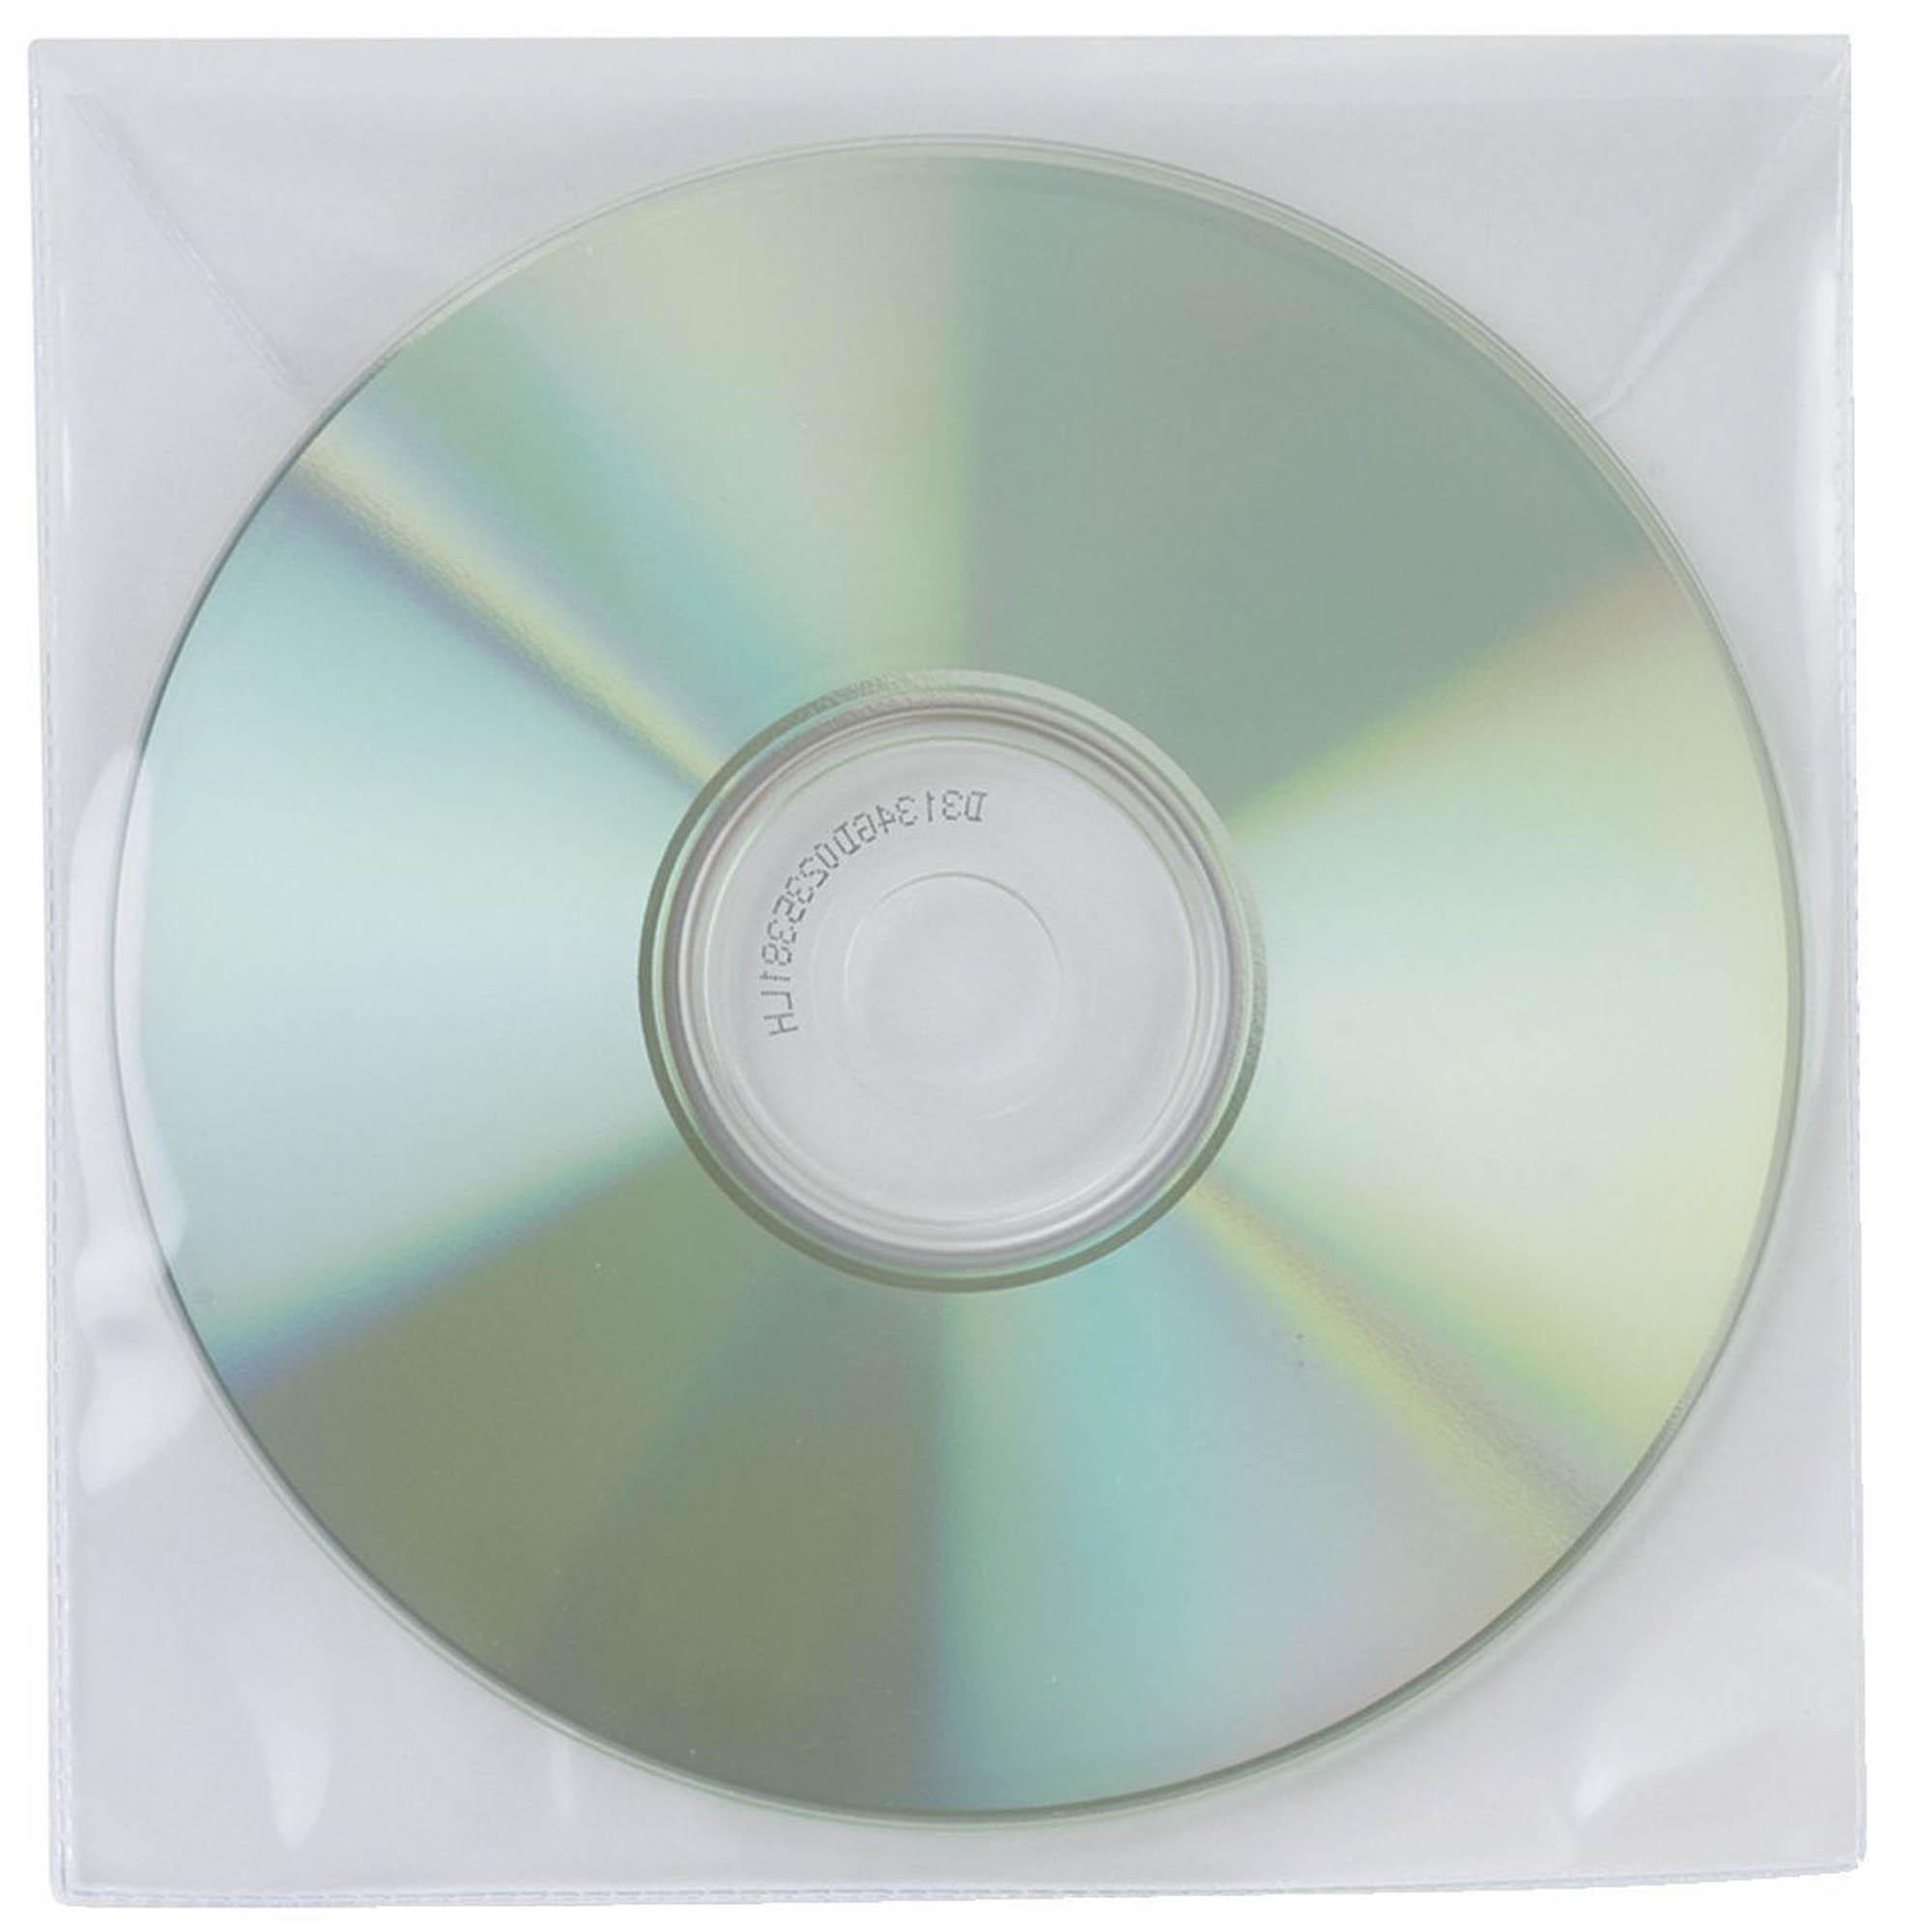 cd dvd h llen q connect kf02207 ungelocht transparent 50 st ck it zubeh r speichermedien zubeh r. Black Bedroom Furniture Sets. Home Design Ideas